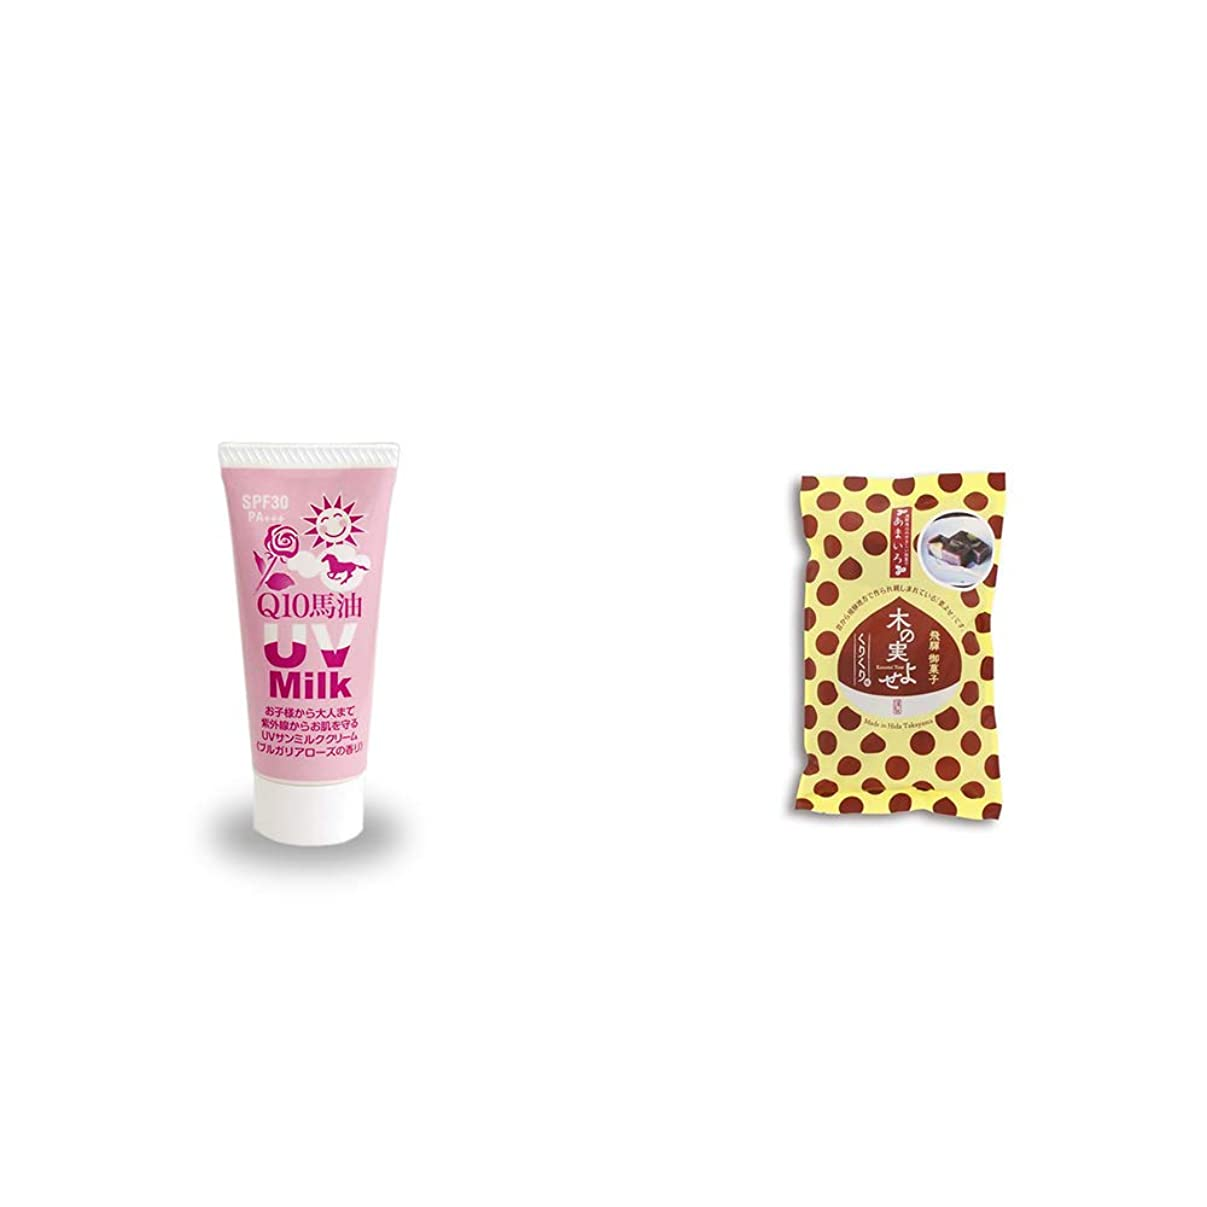 広まった認証ずらす[2点セット] 炭黒泉 Q10馬油 UVサンミルク[ブルガリアローズ](40g)?木の実よせ くりくり味(5個入)